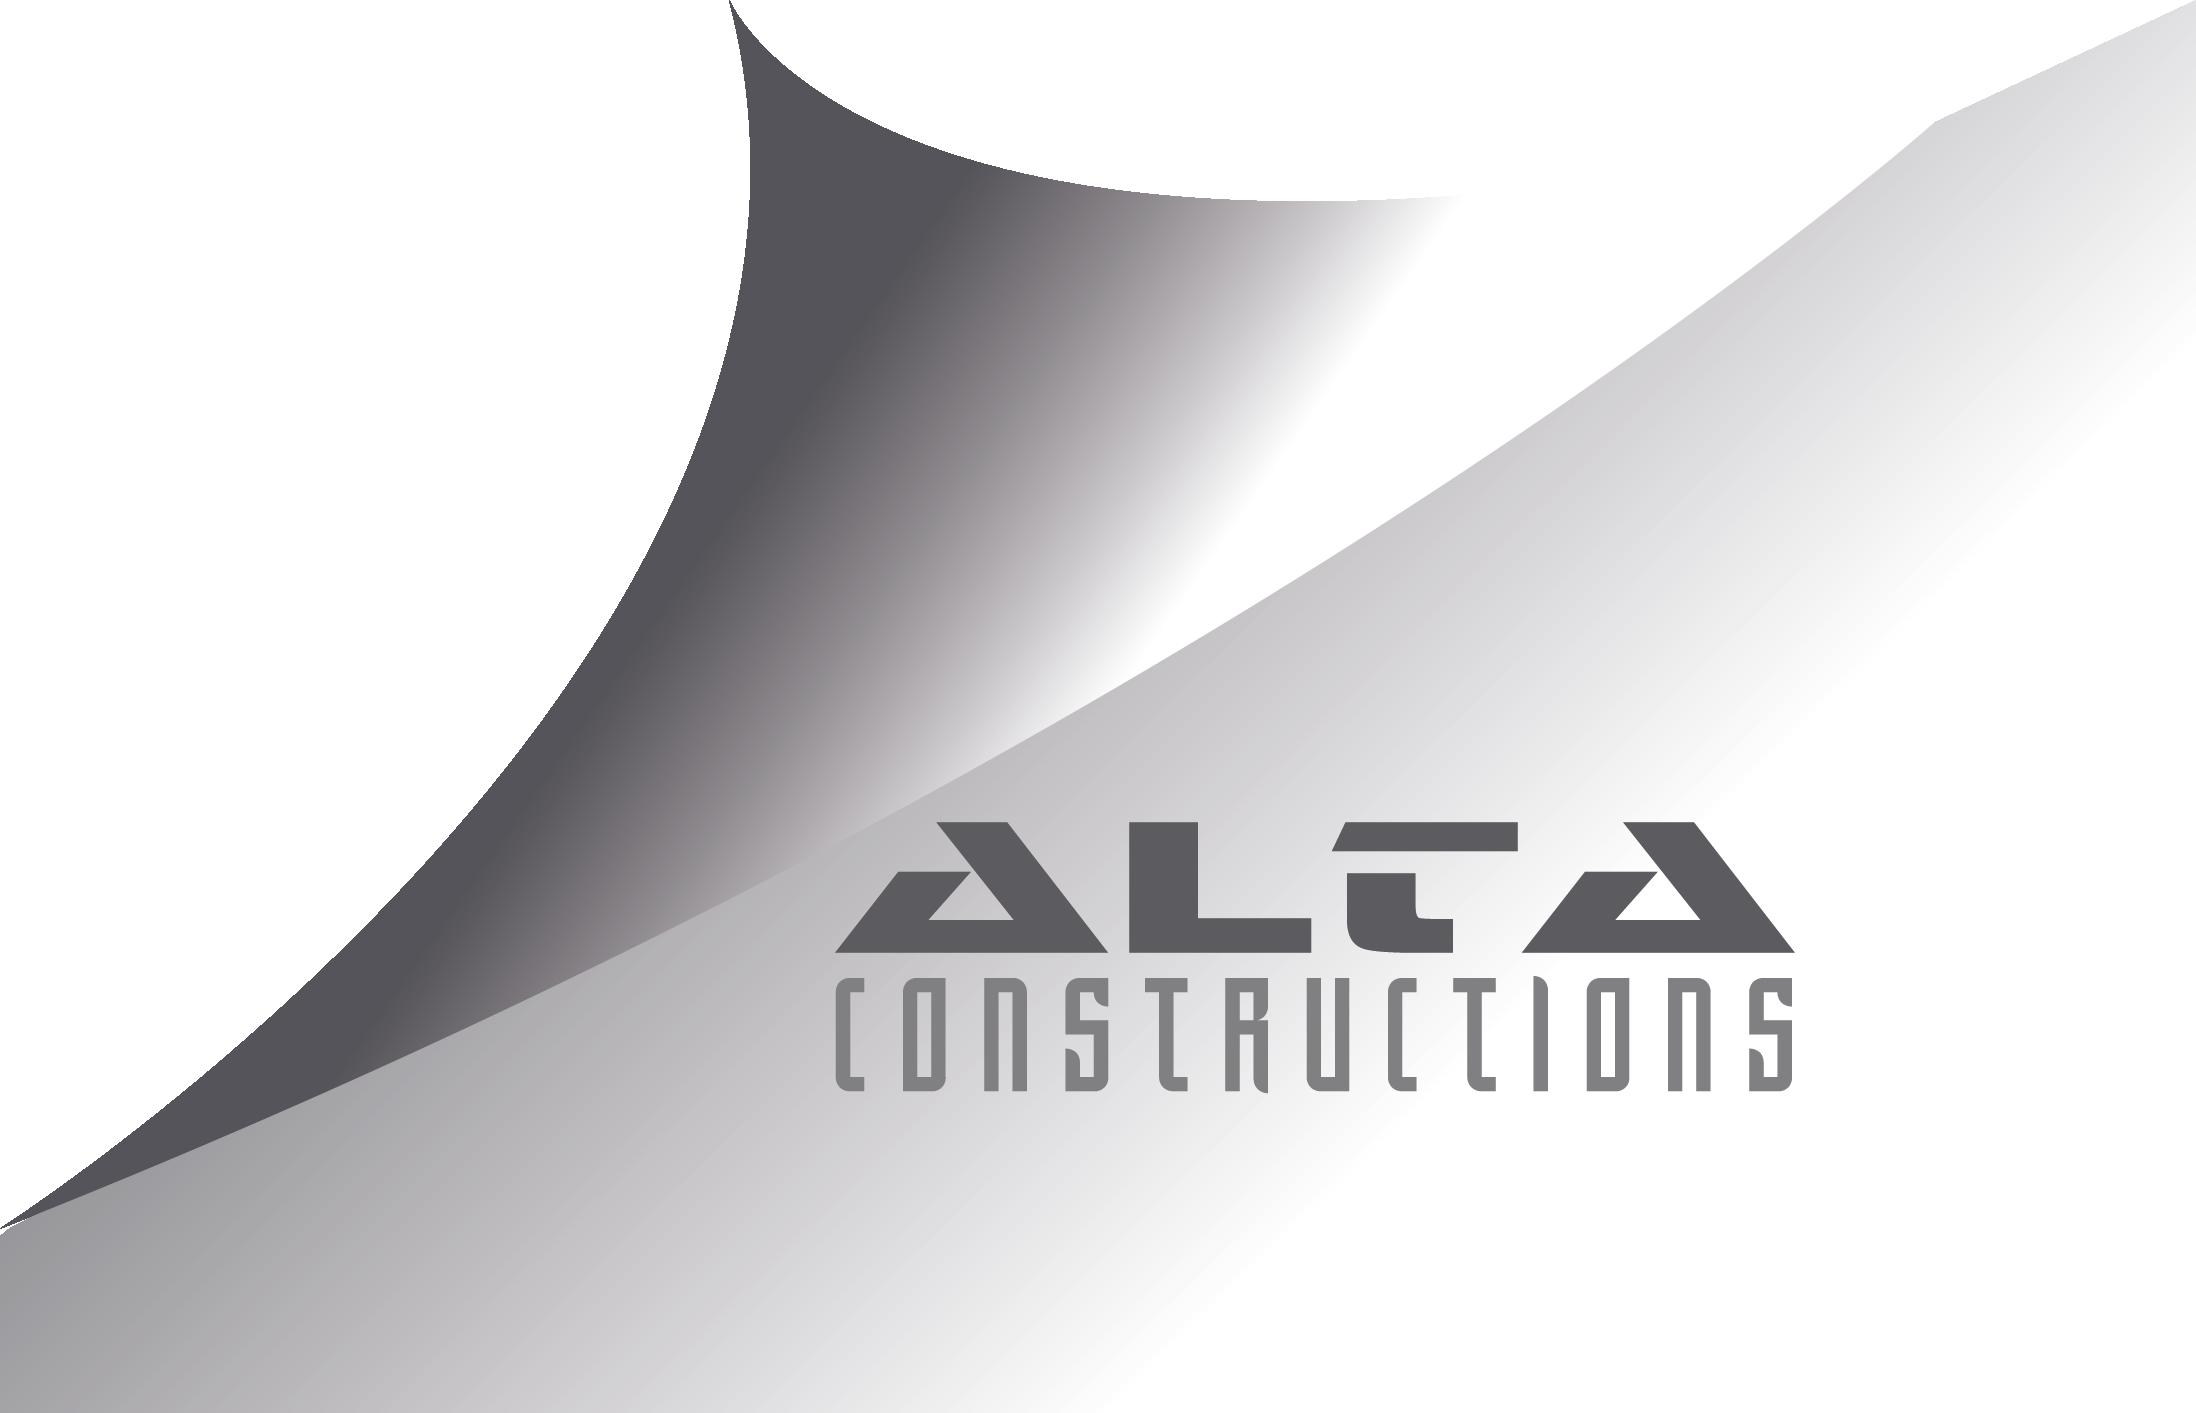 S.A.S. ALTA CONSTRUCTIONS